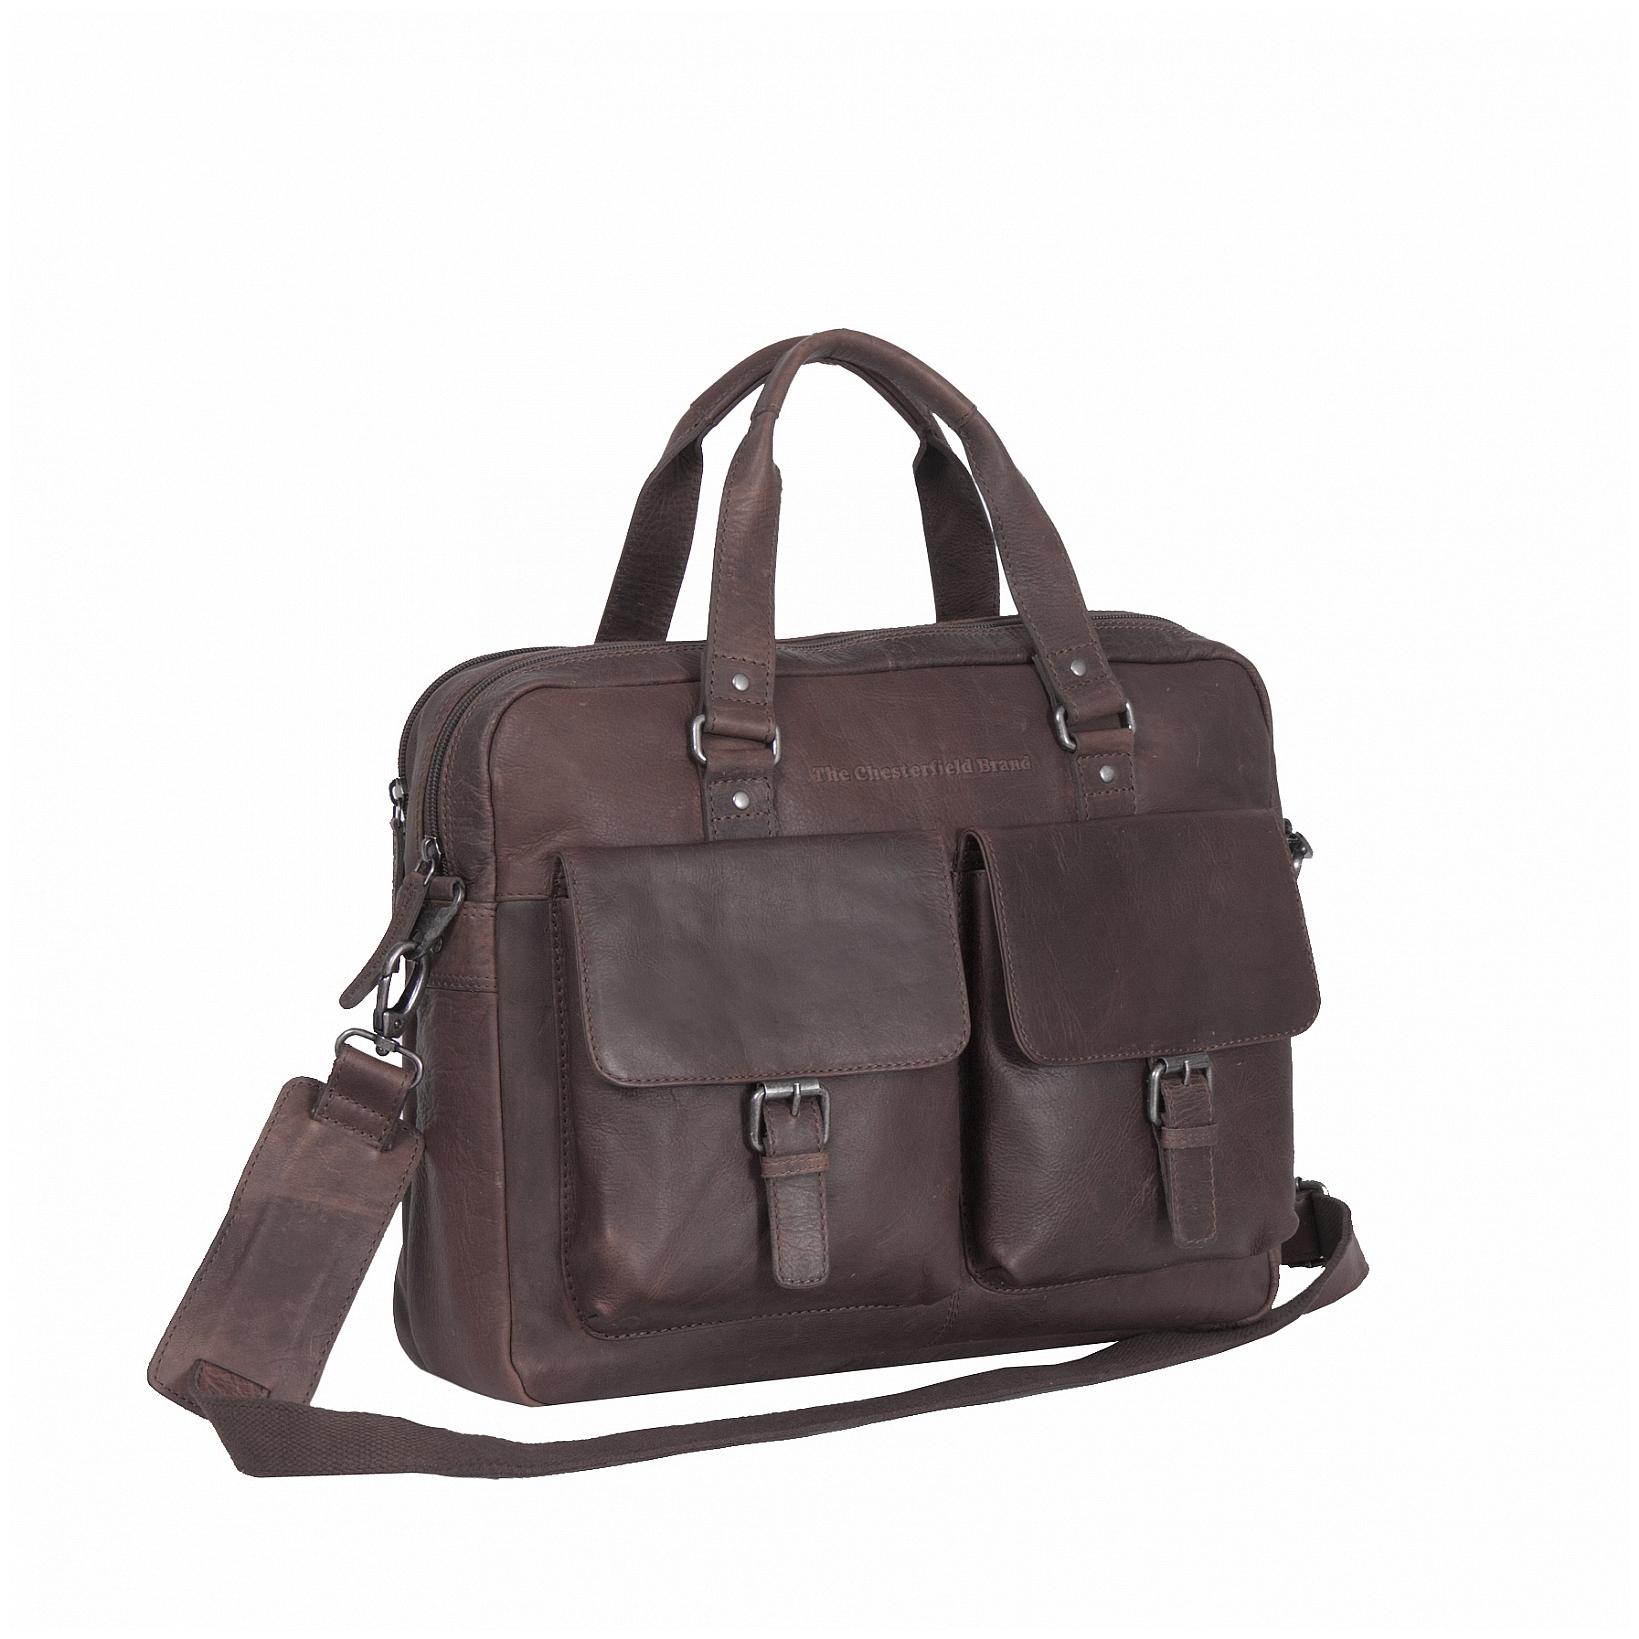 The Chesterfield Brand Kožená pracovní taška C48.077801 George hnědá 56dacf9fb24